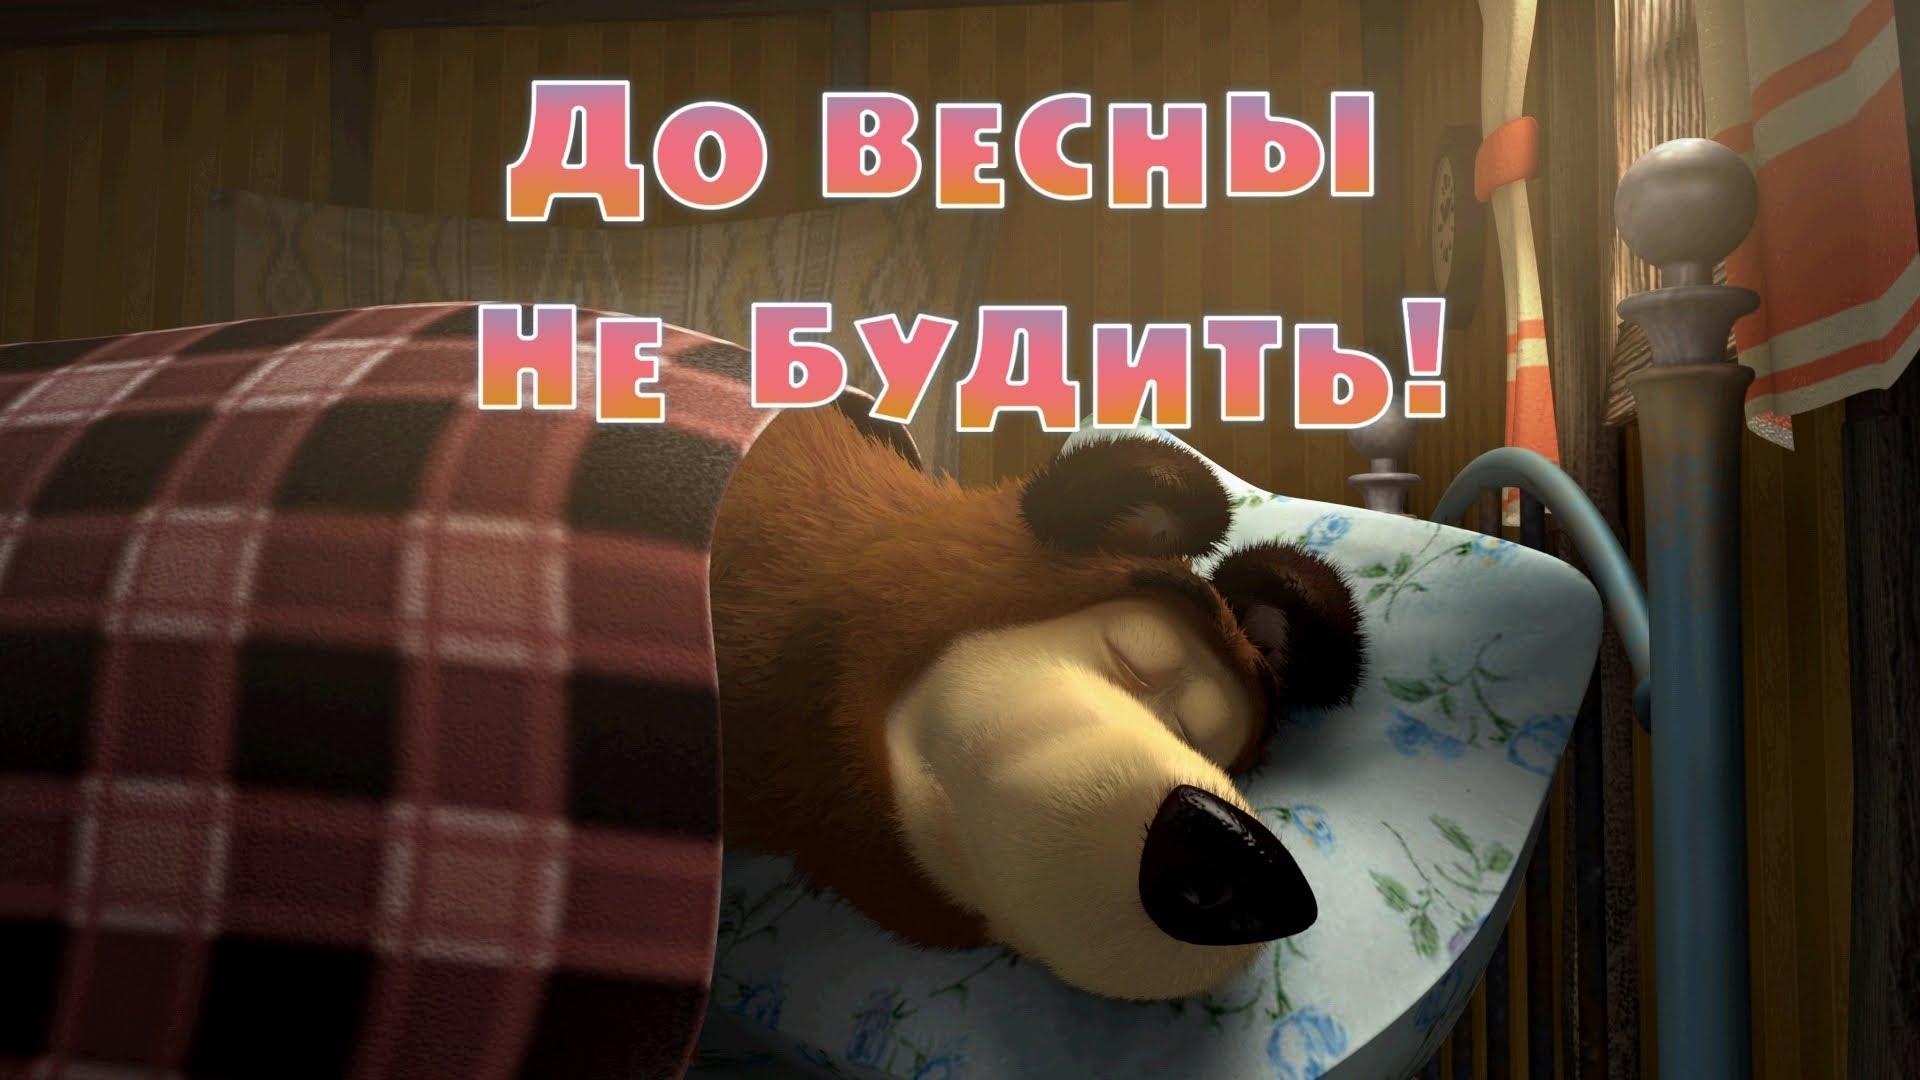 2 Серия. Маша и Медведь — До весны не будить!